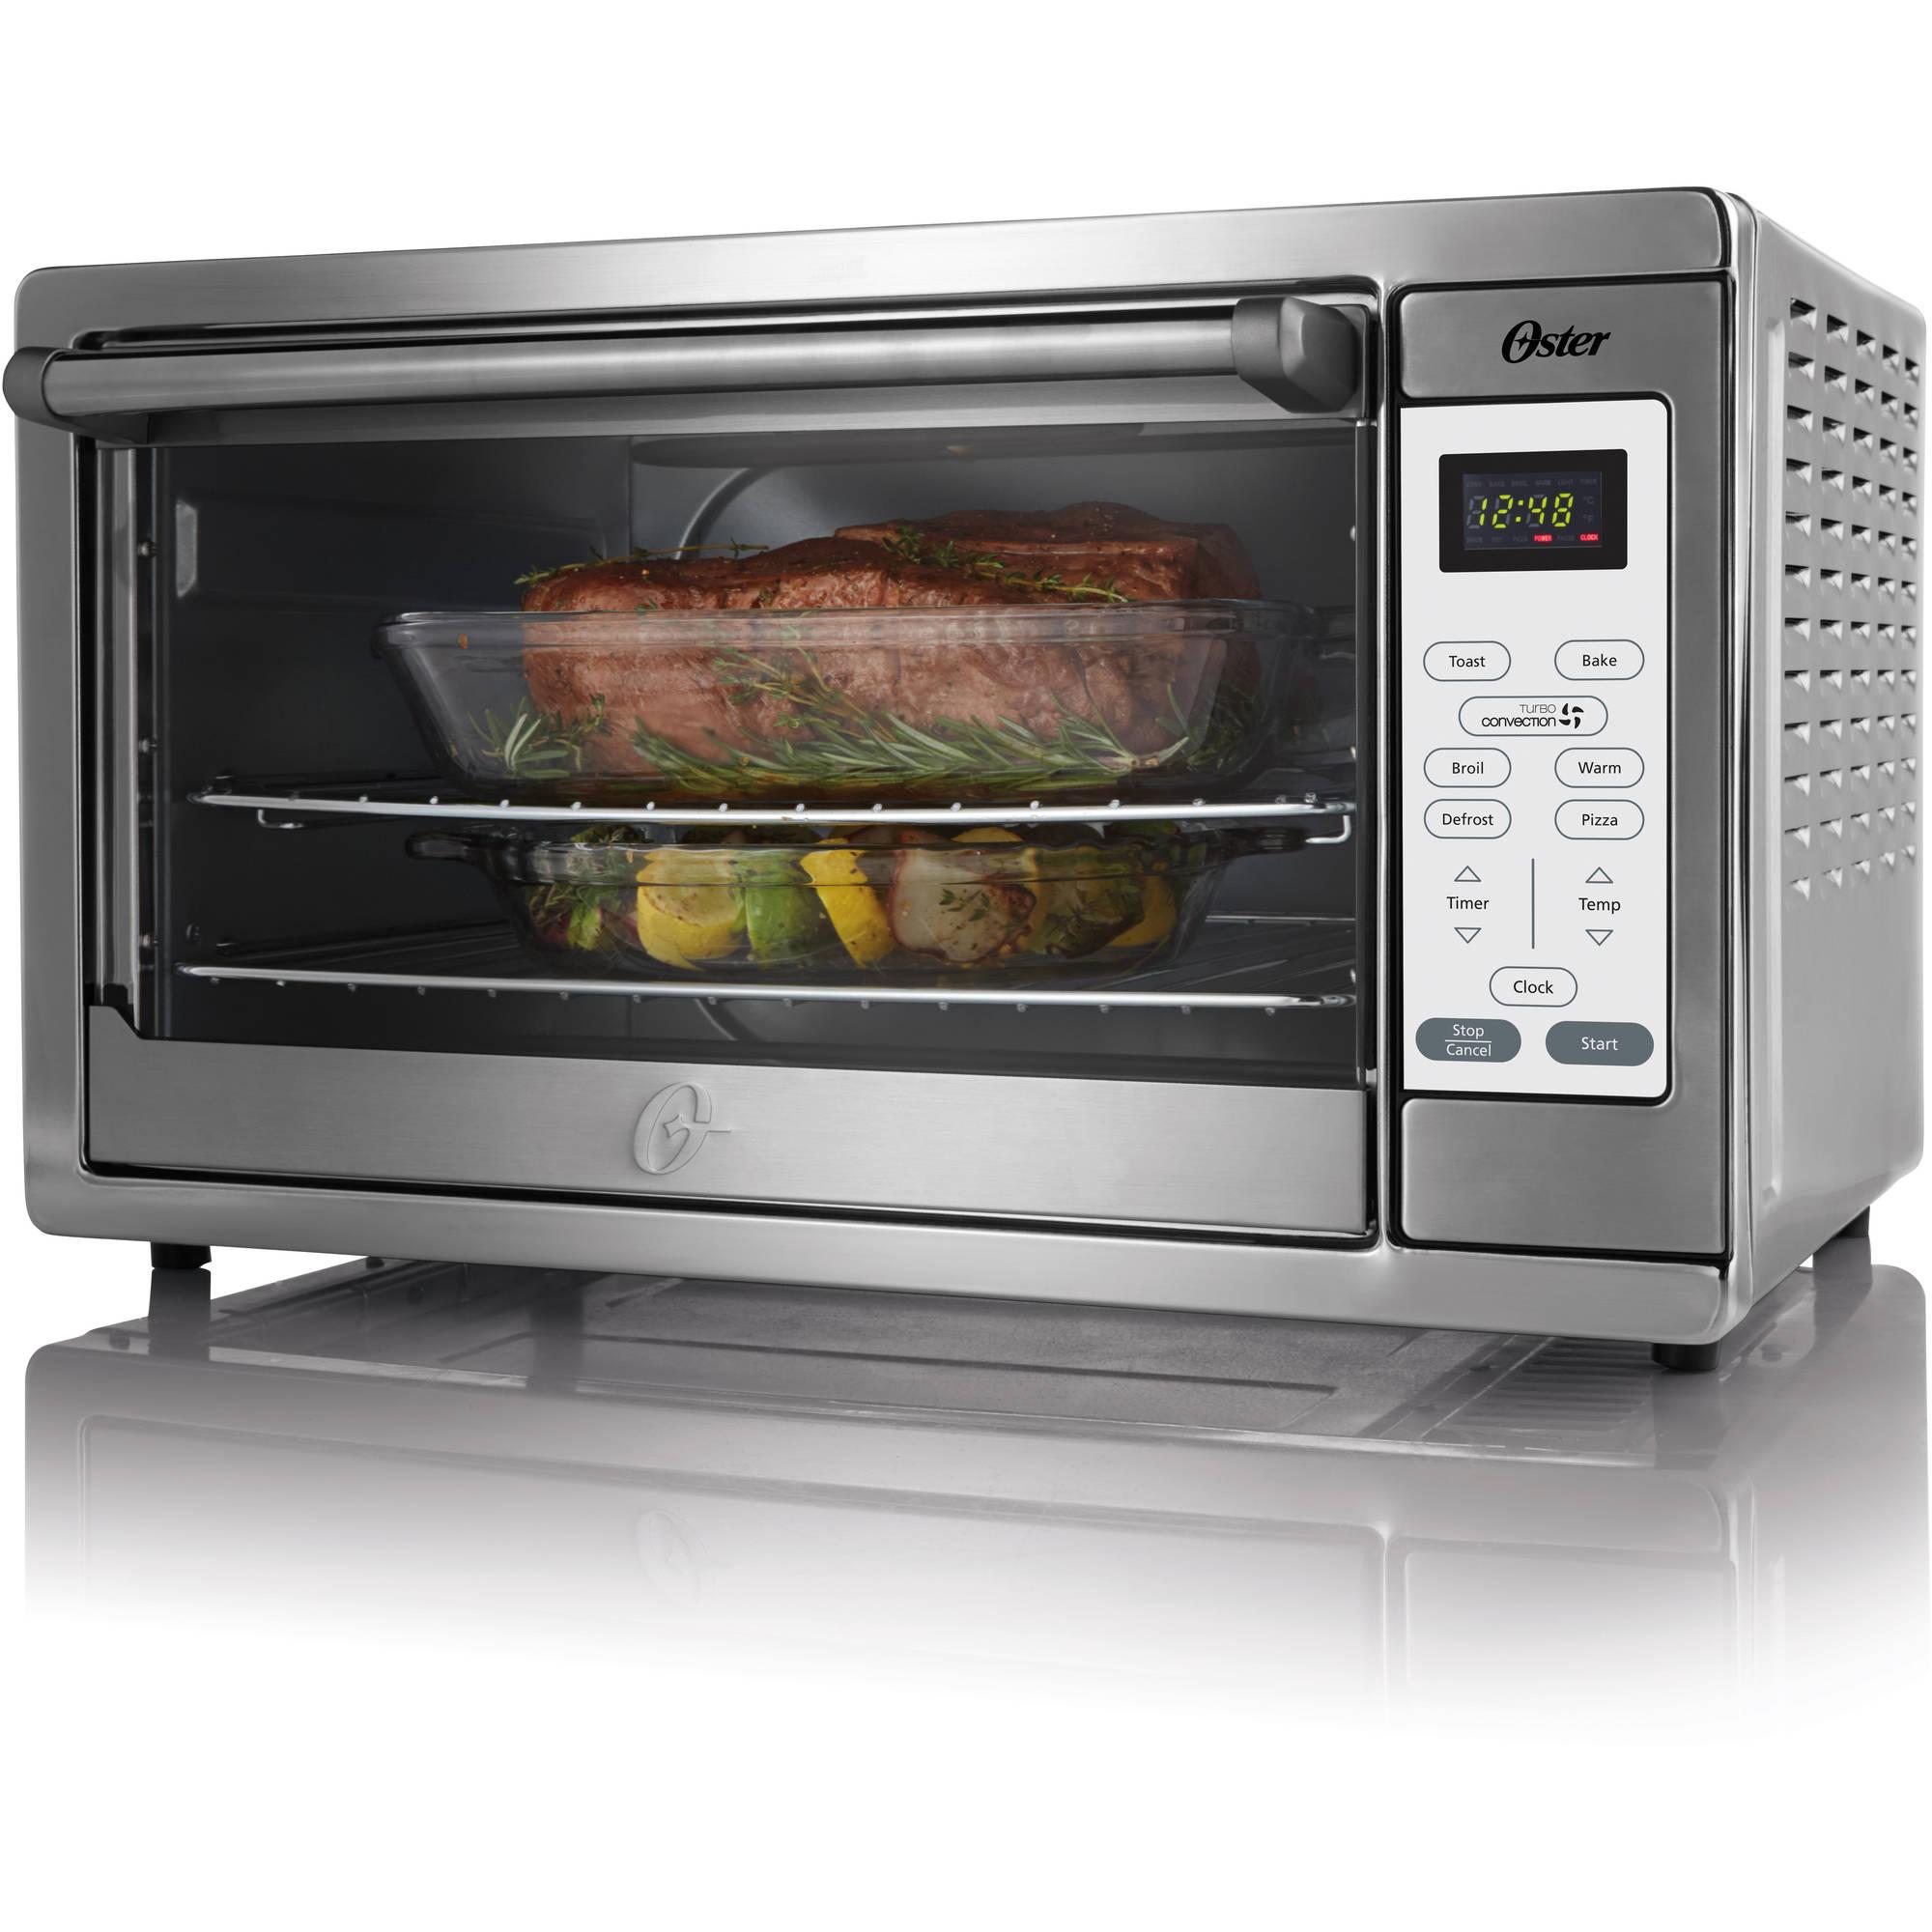 Toasters & Ovens Walmart